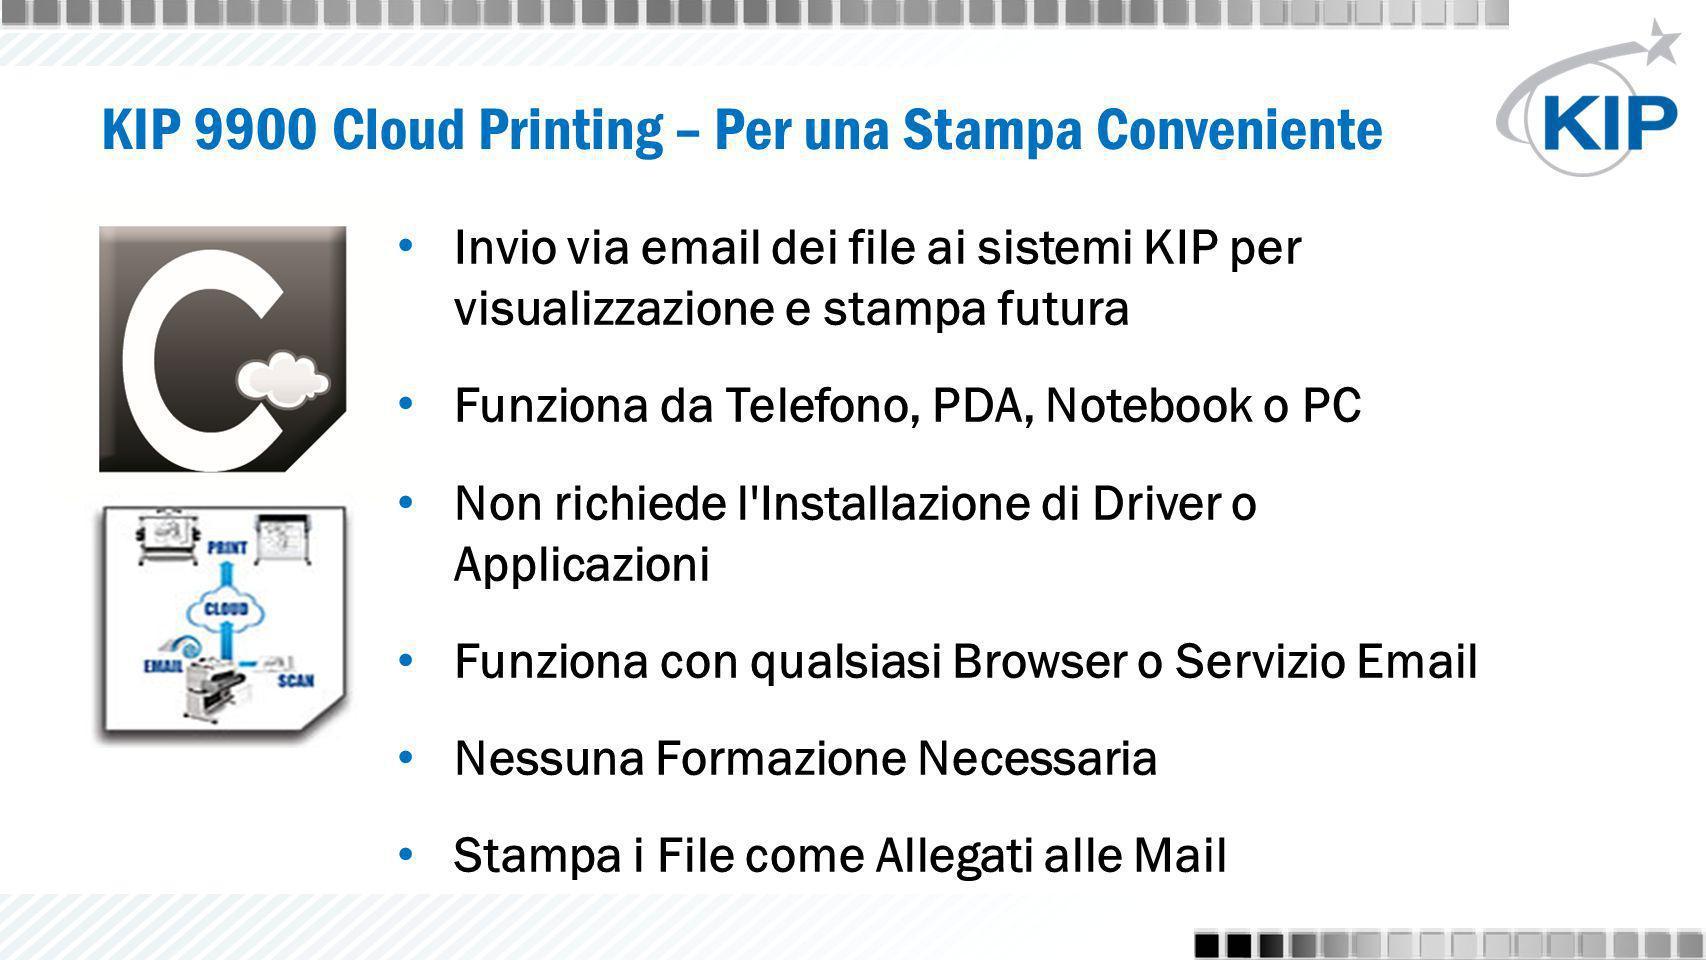 KIP 9900 Cloud Printing – Per una Stampa Conveniente Invio via email dei file ai sistemi KIP per visualizzazione e stampa futura Funziona da Telefono,